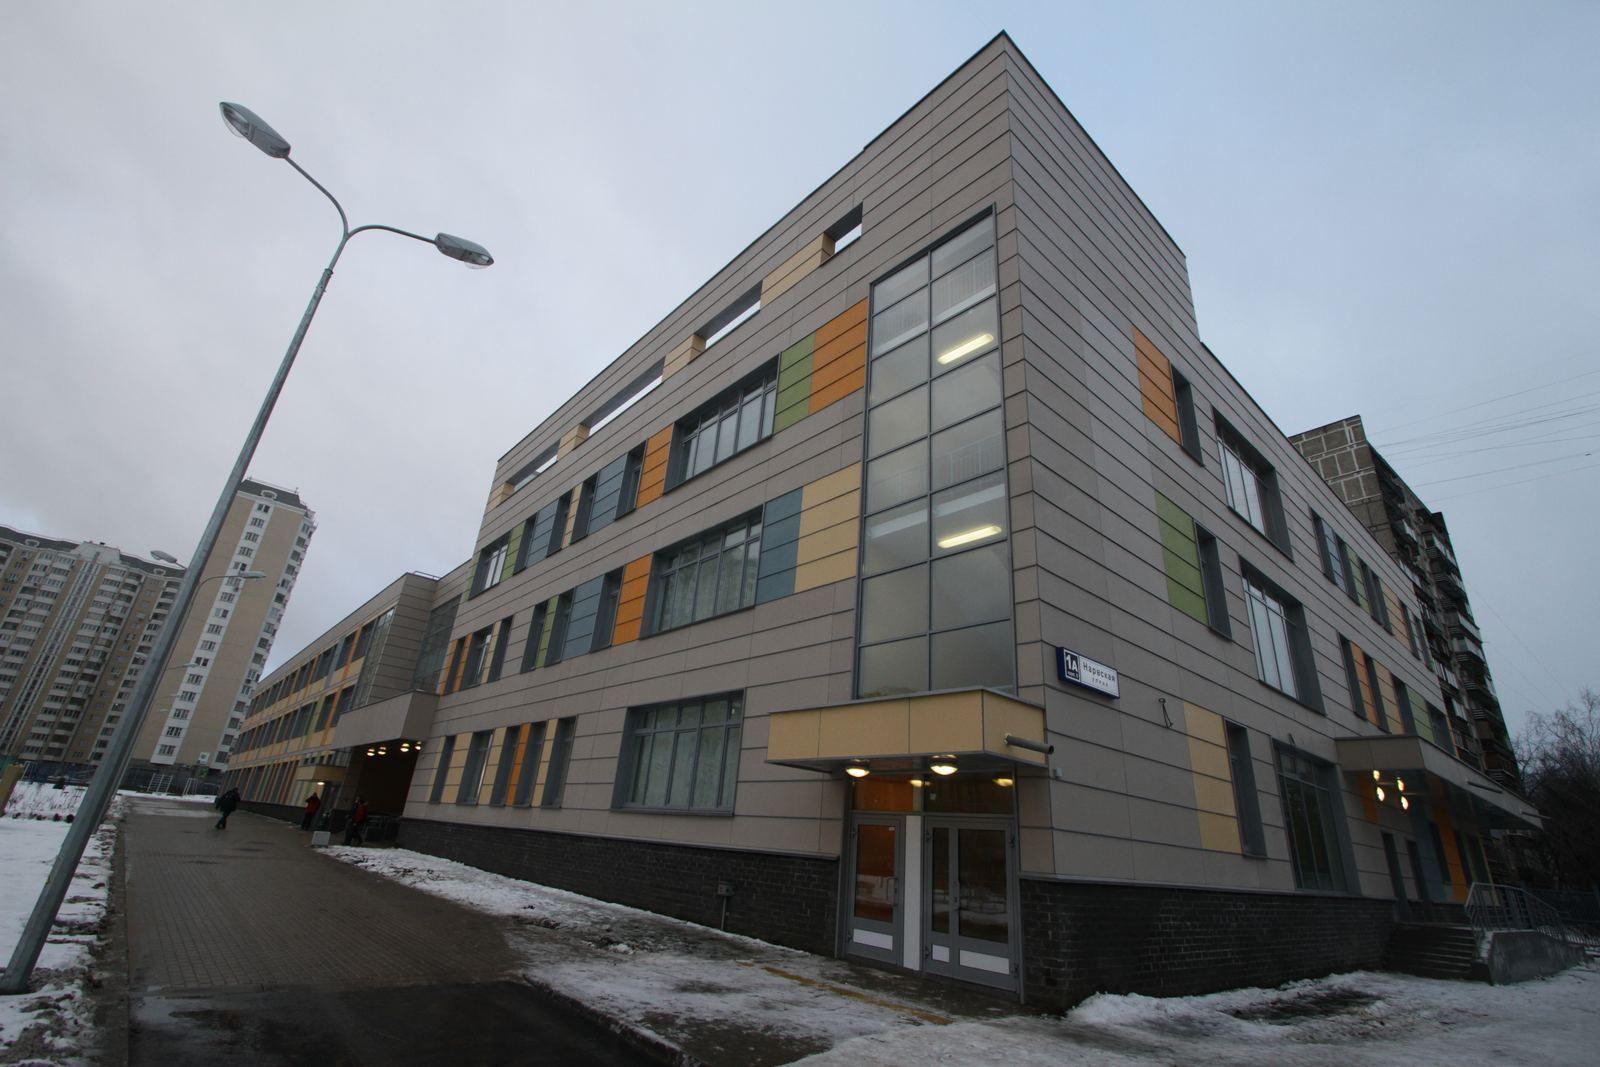 Строительство новой школы запланировали в Щаповском. Фото: Антон Гердо, «Вечерняя Москва»